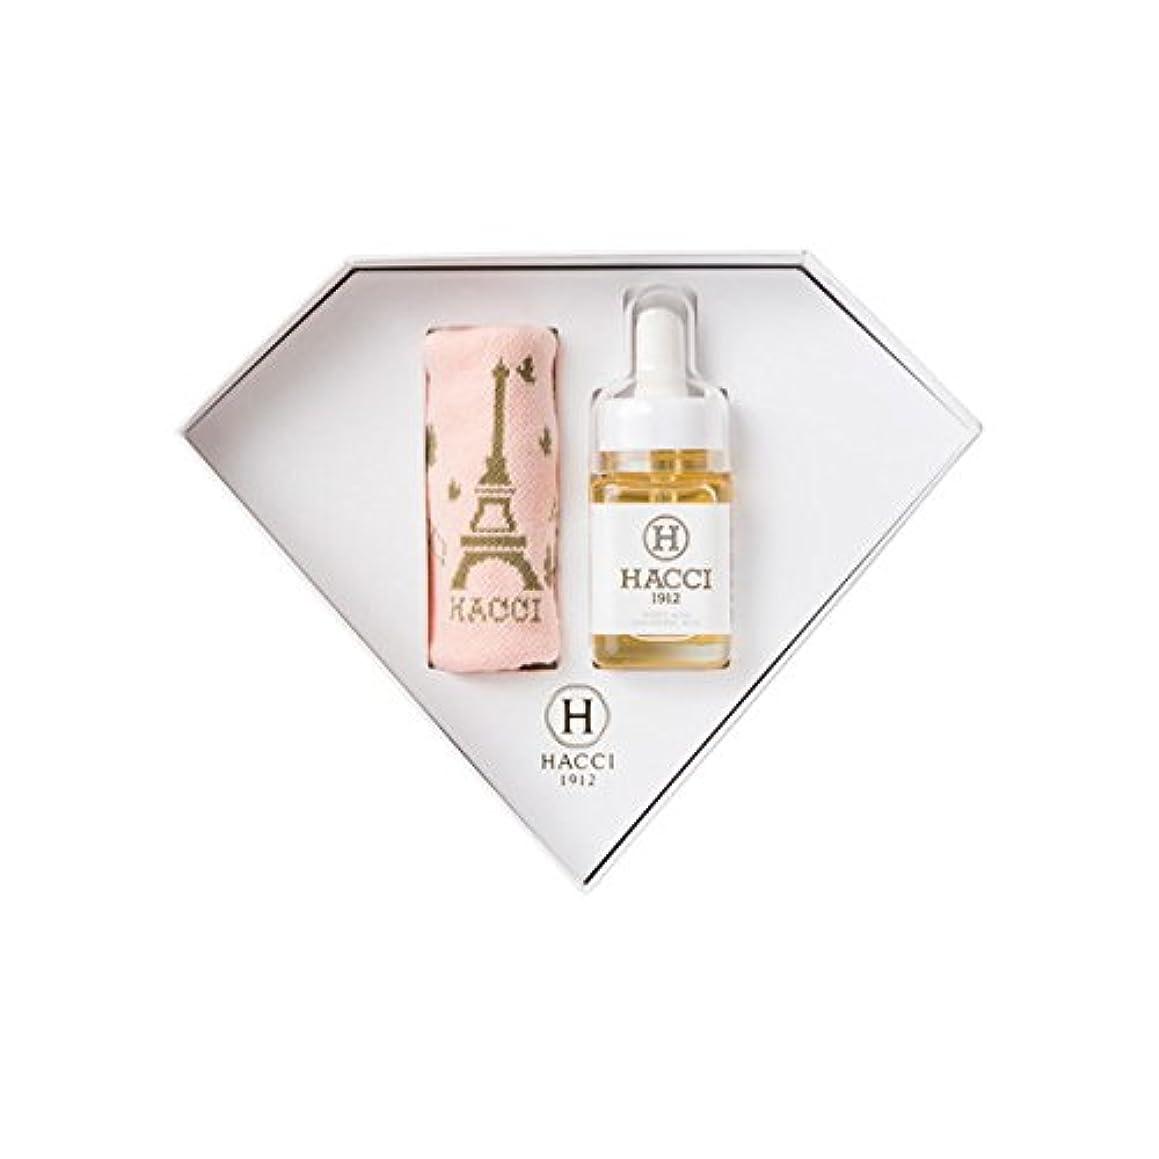 オーロック収益カテゴリーHACCI ミニダイヤモンドBOX(BEAUTY HONEY40g) (ヒアルロン酸入りはちみつ)